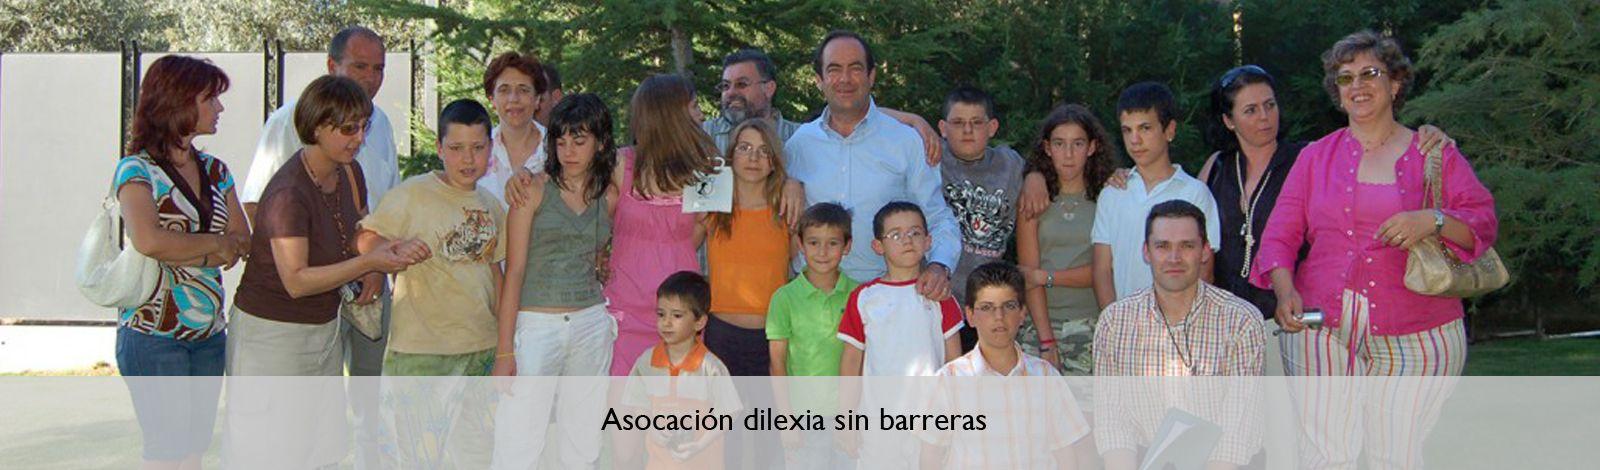 AsocacionDilexia